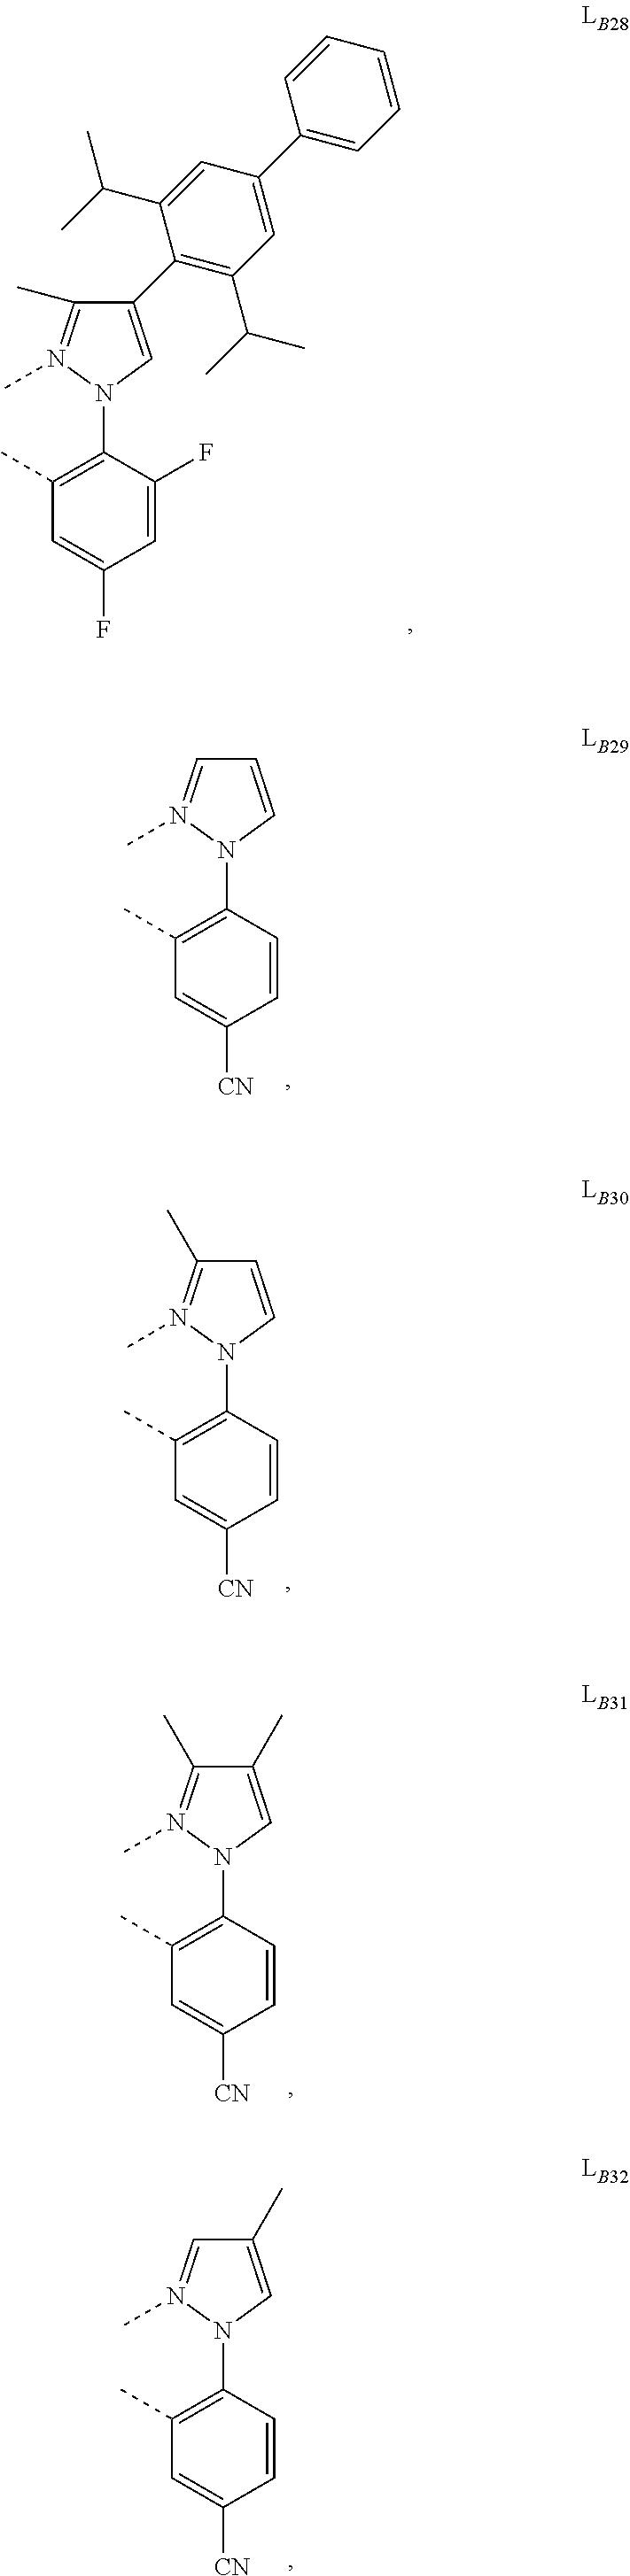 Figure US09905785-20180227-C00563